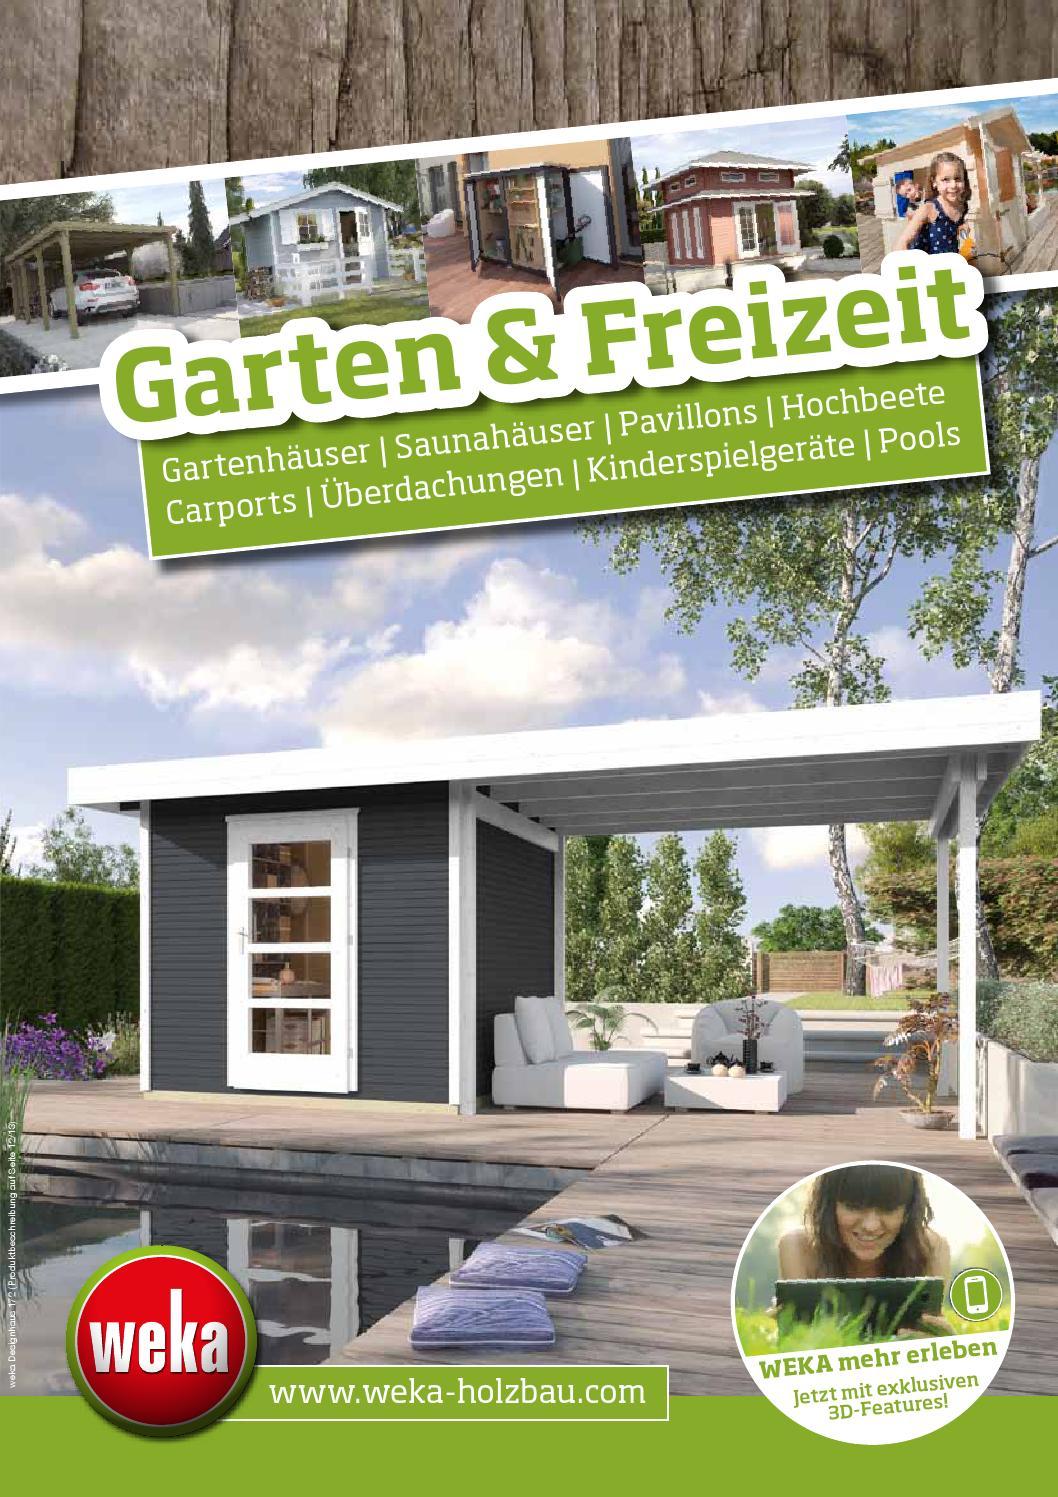 Ansprechend Weka Holzbau Galerie Von